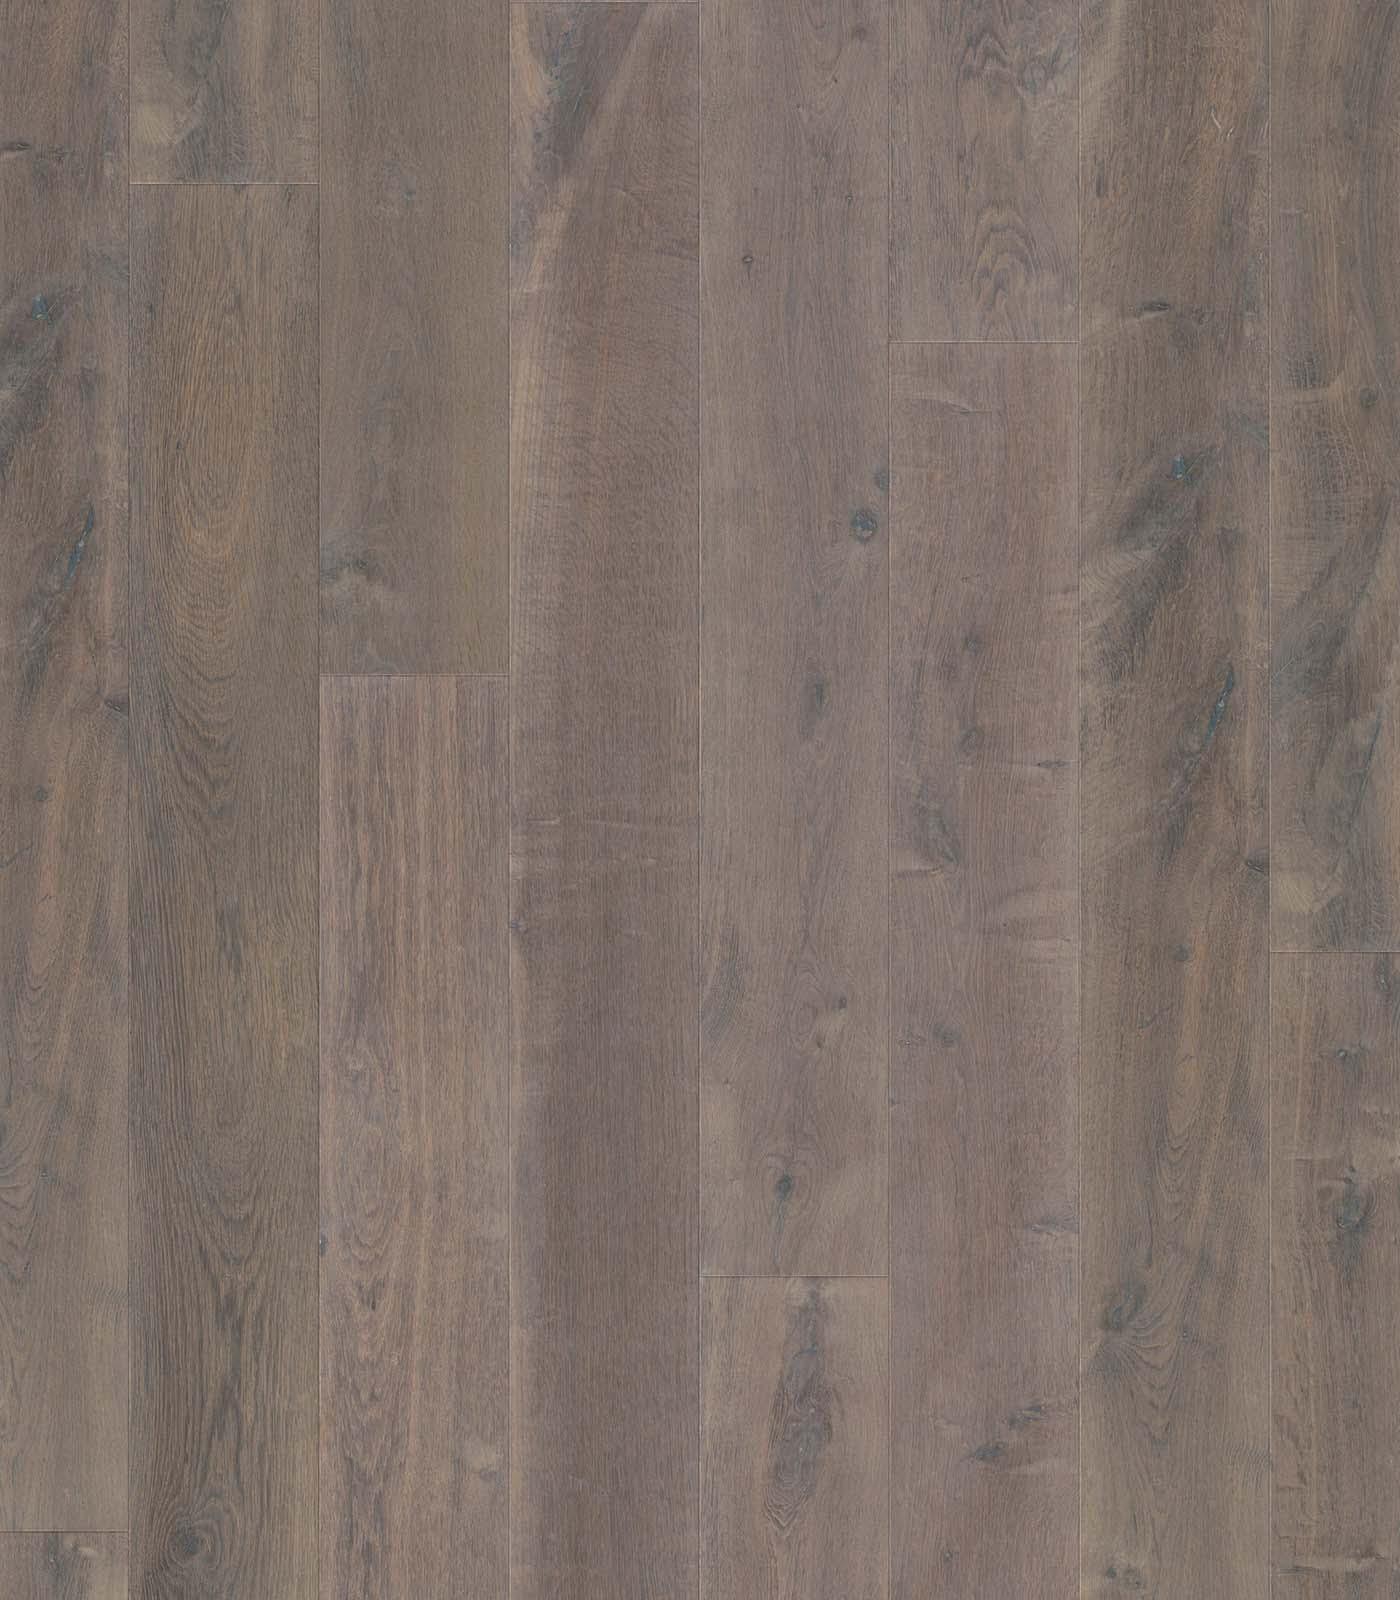 Uluwatu-European Oak floors-Lifestyle Collection-flat